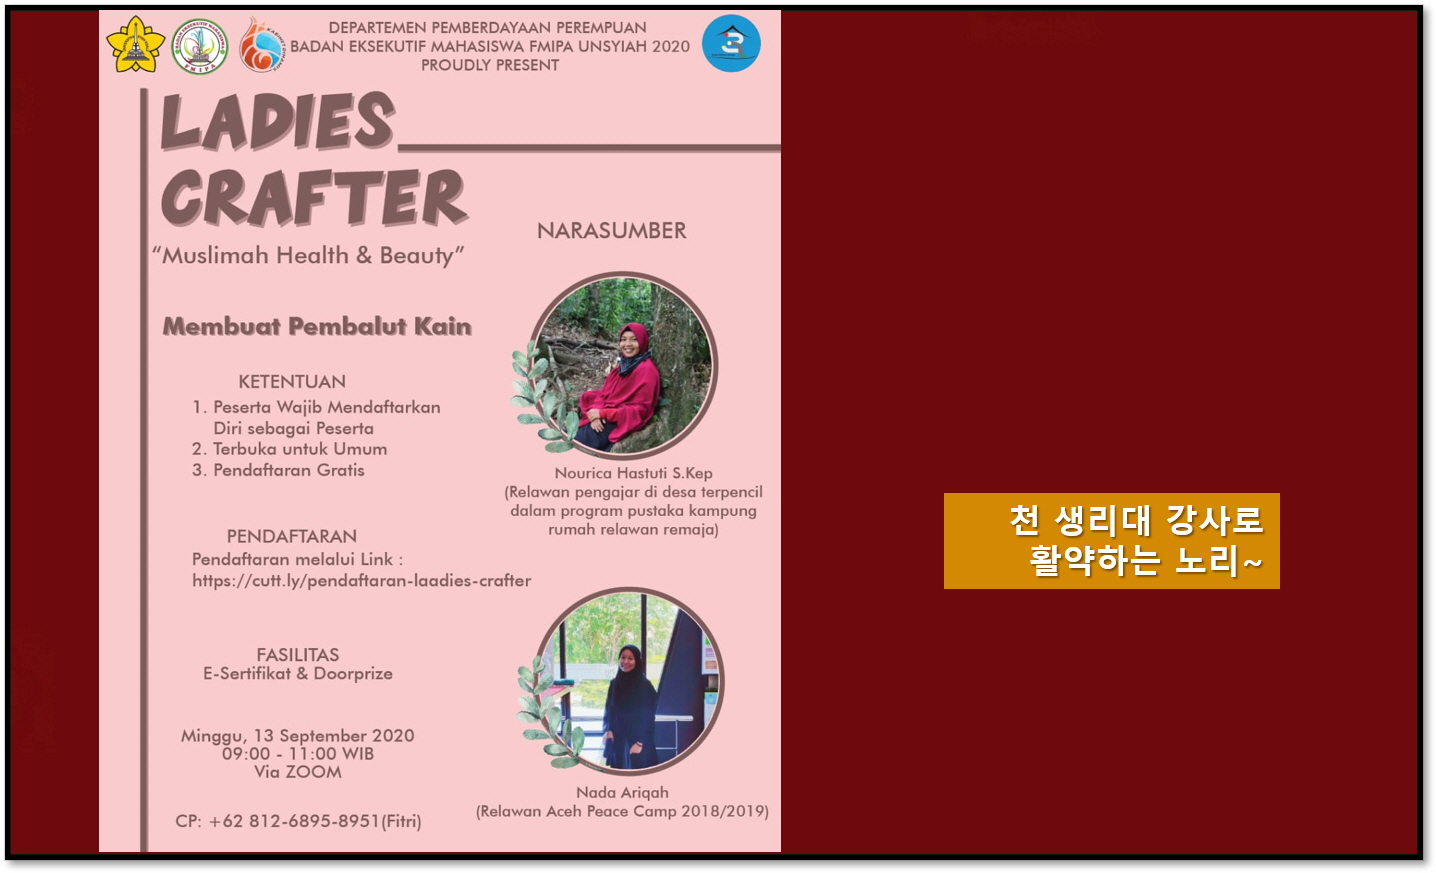 [꾸미기]천생리대 강사 노리.jpg